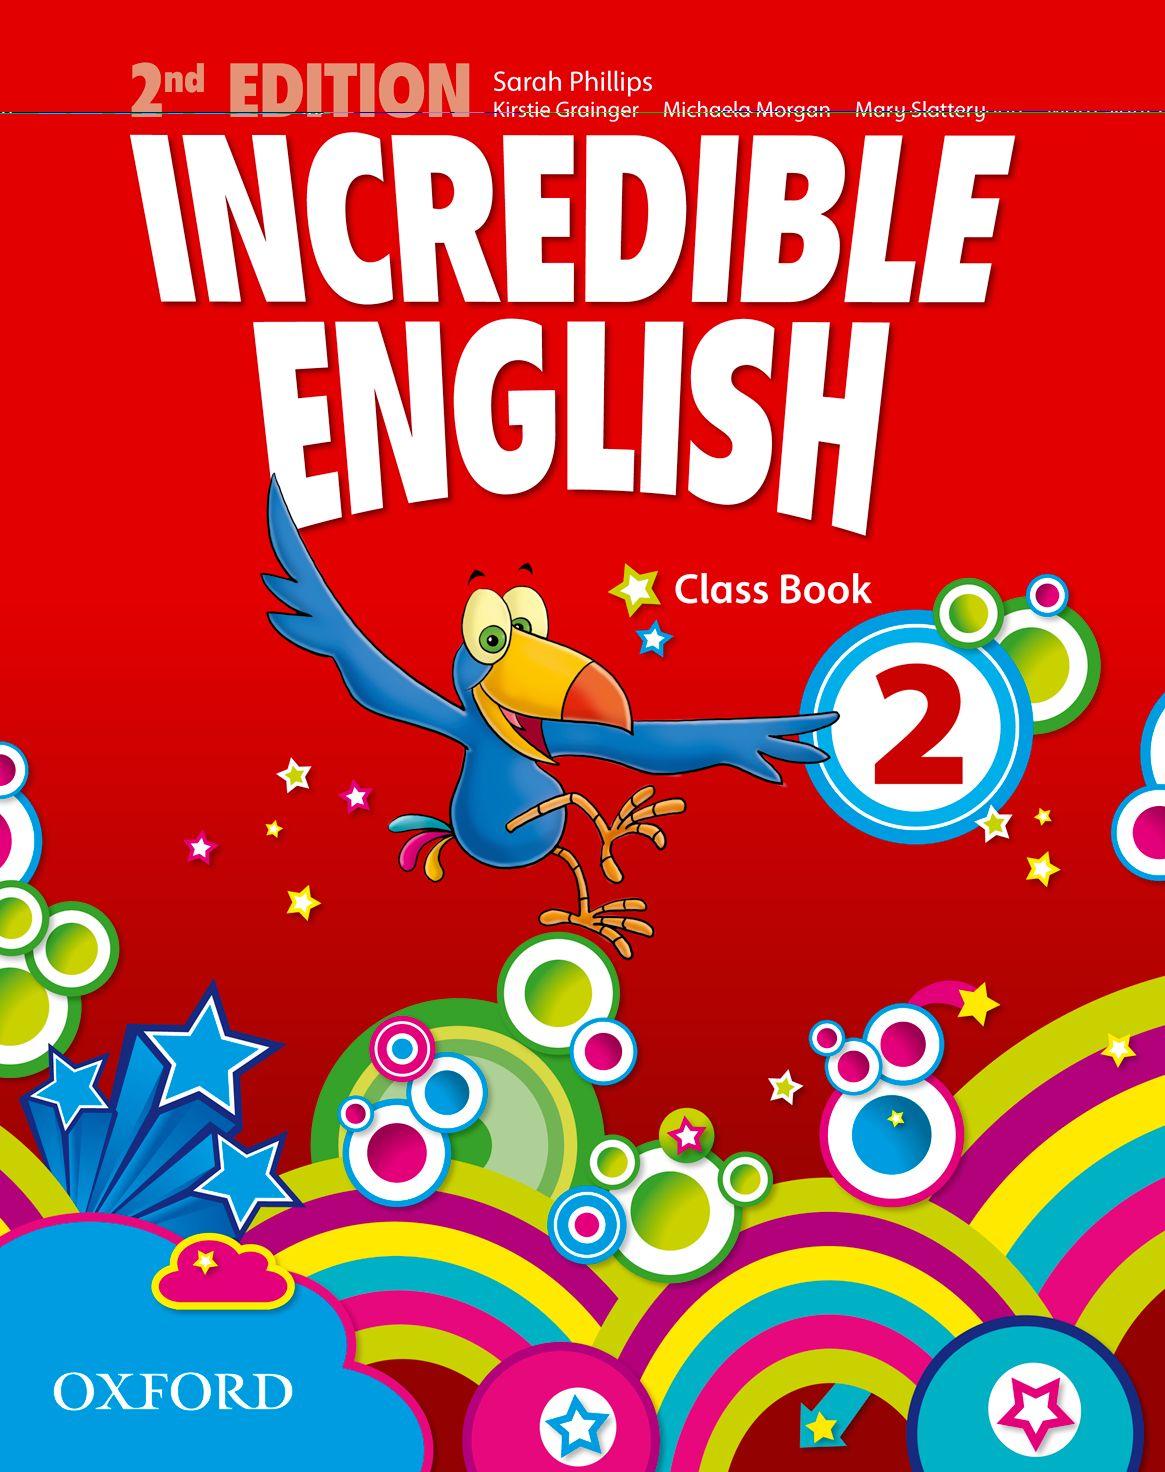 INCREDIBLE ENGLISHLISH 2E 2 CB incredible englishlish 2e 6 ab